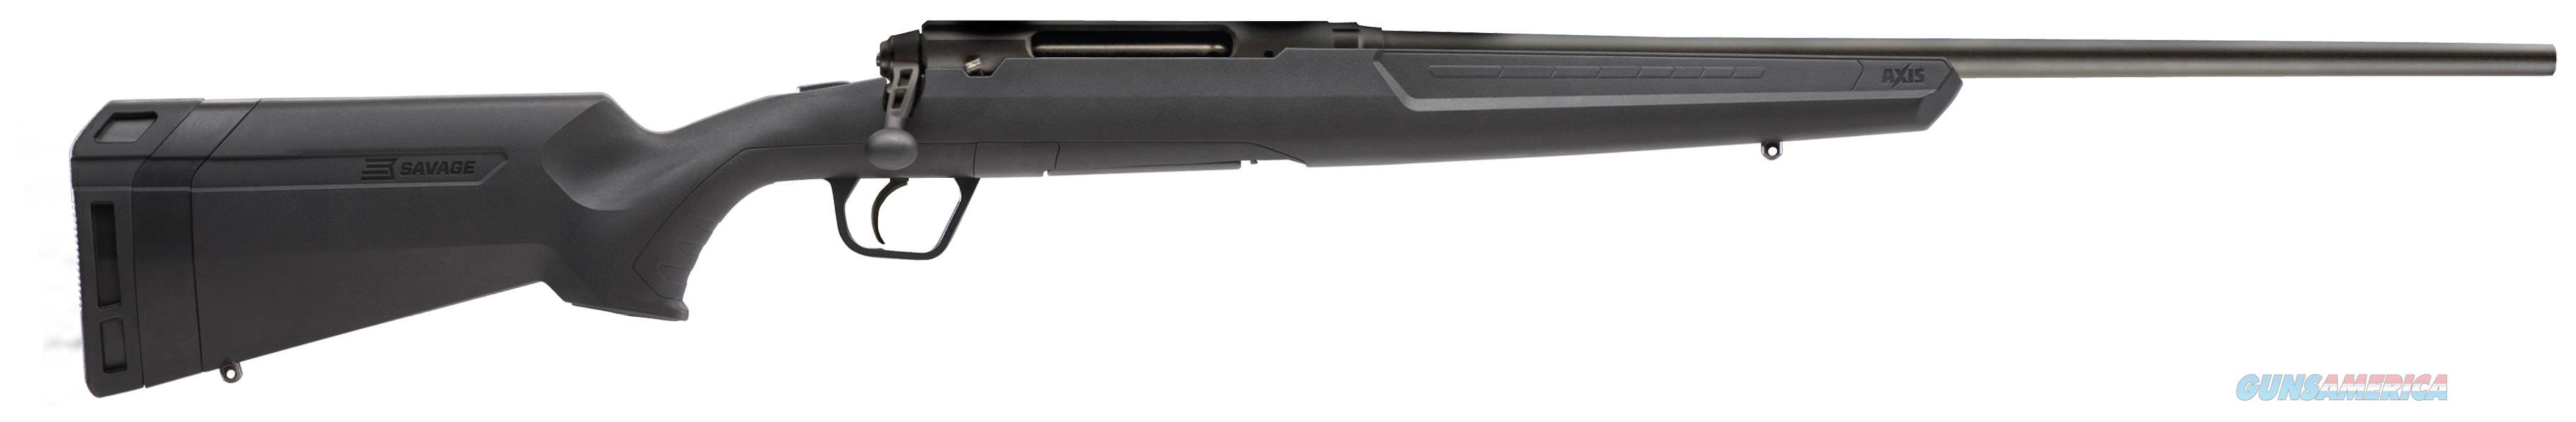 """Axis G2 30-06 Bl/Syn 22"""" 57241  Guns > Rifles > S Misc Rifles"""